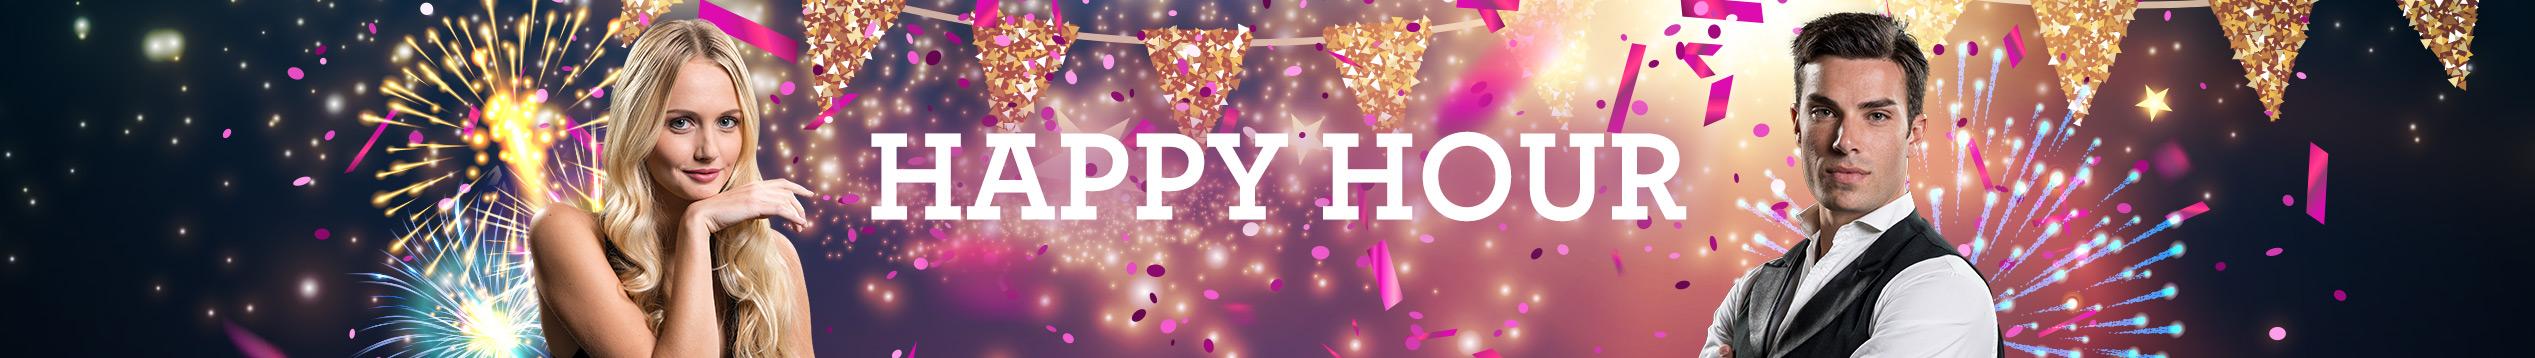 Testen Sie unsere neue Happy Hour